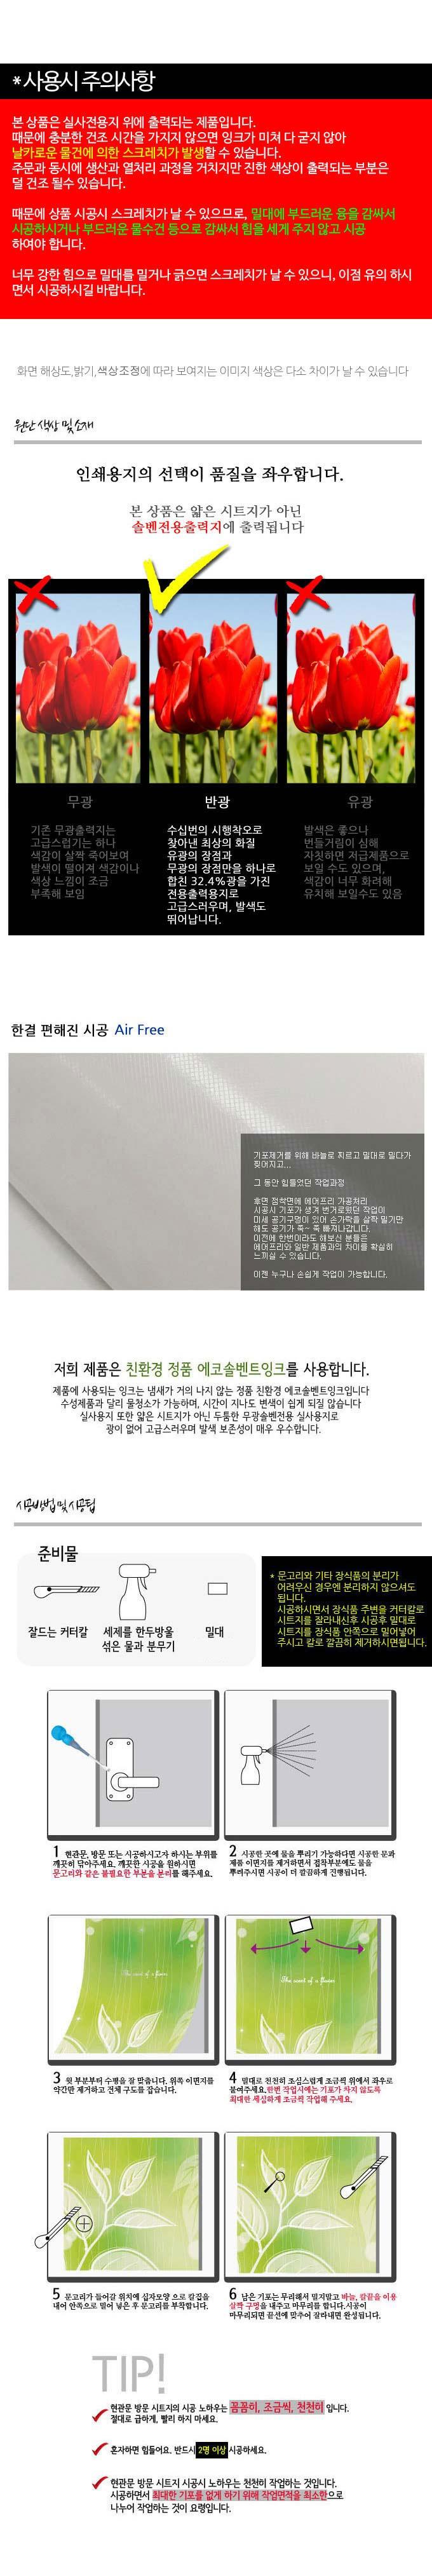 ip475-행복한가족과해바라기꽃_현관문방문시트지 - 꾸밈, 32,000원, 벽시/시트지, 현관데코시트